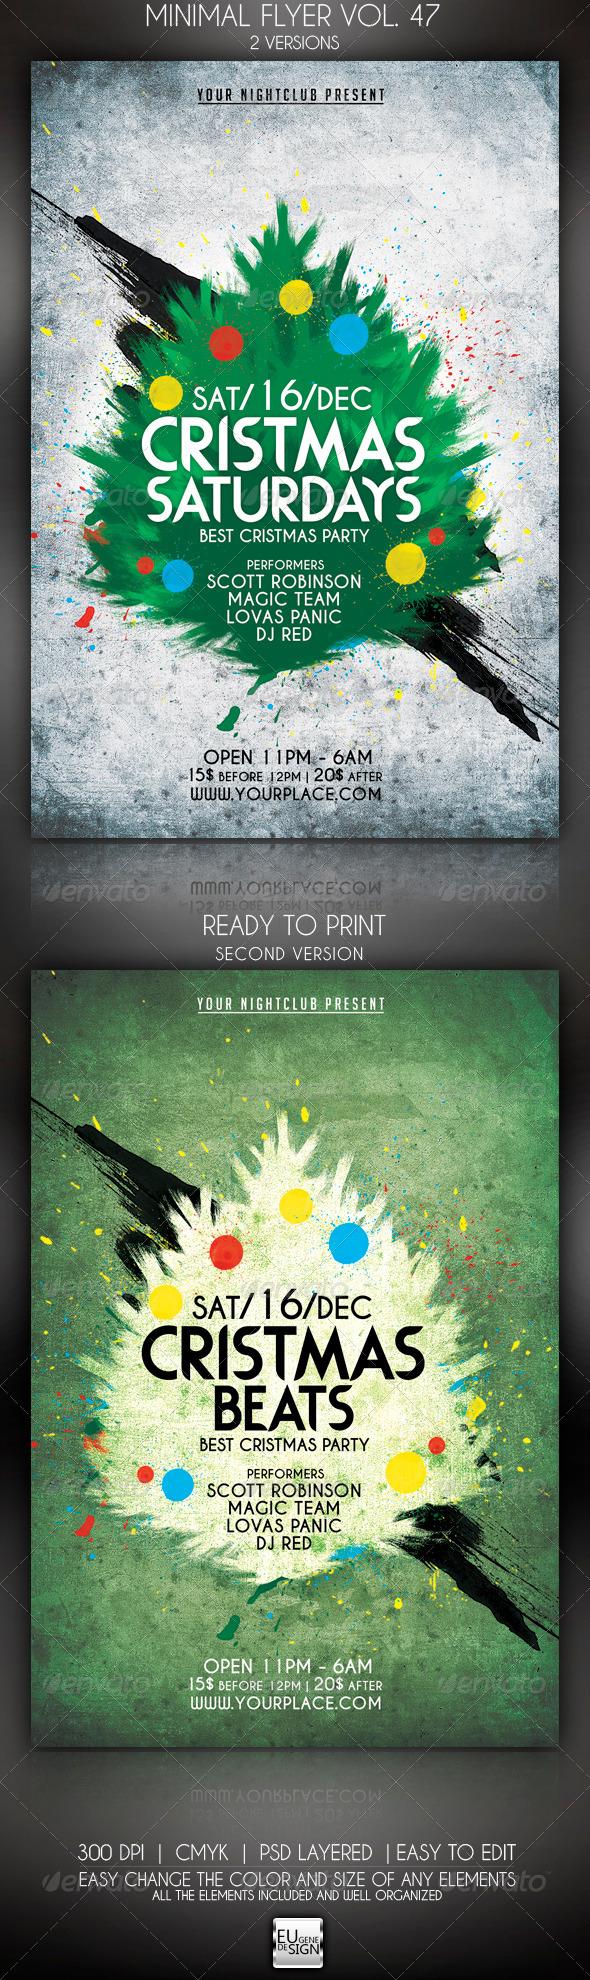 GraphicRiver Minimal Flyer Vol 47 5991533